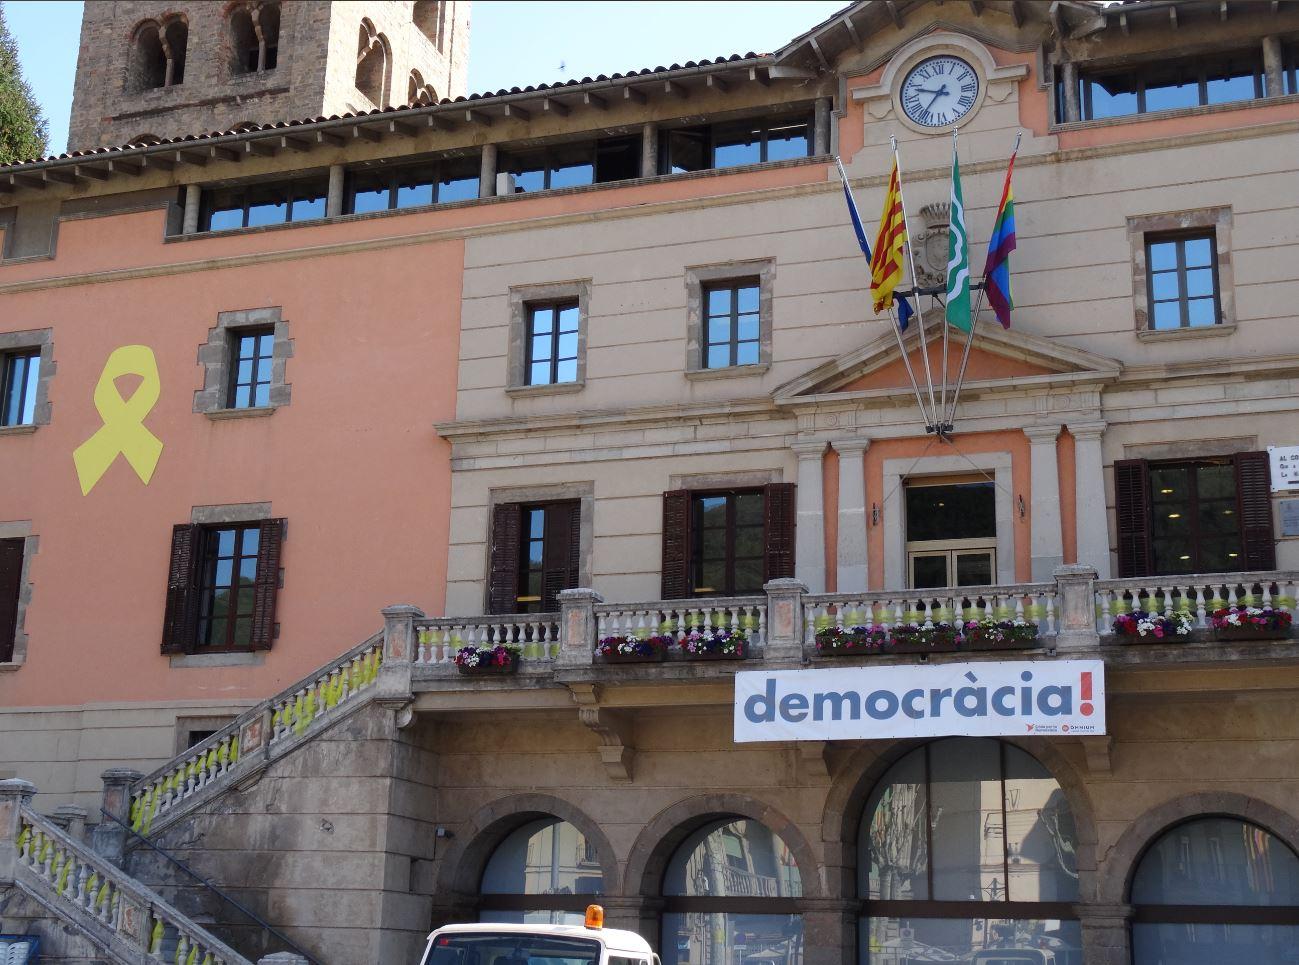 Die Lage in Catalunya und Spanien: Es geht um Meinungsfreiheit - HalleSpektrum.de - Onlinemagazin aus Halle (Saale)